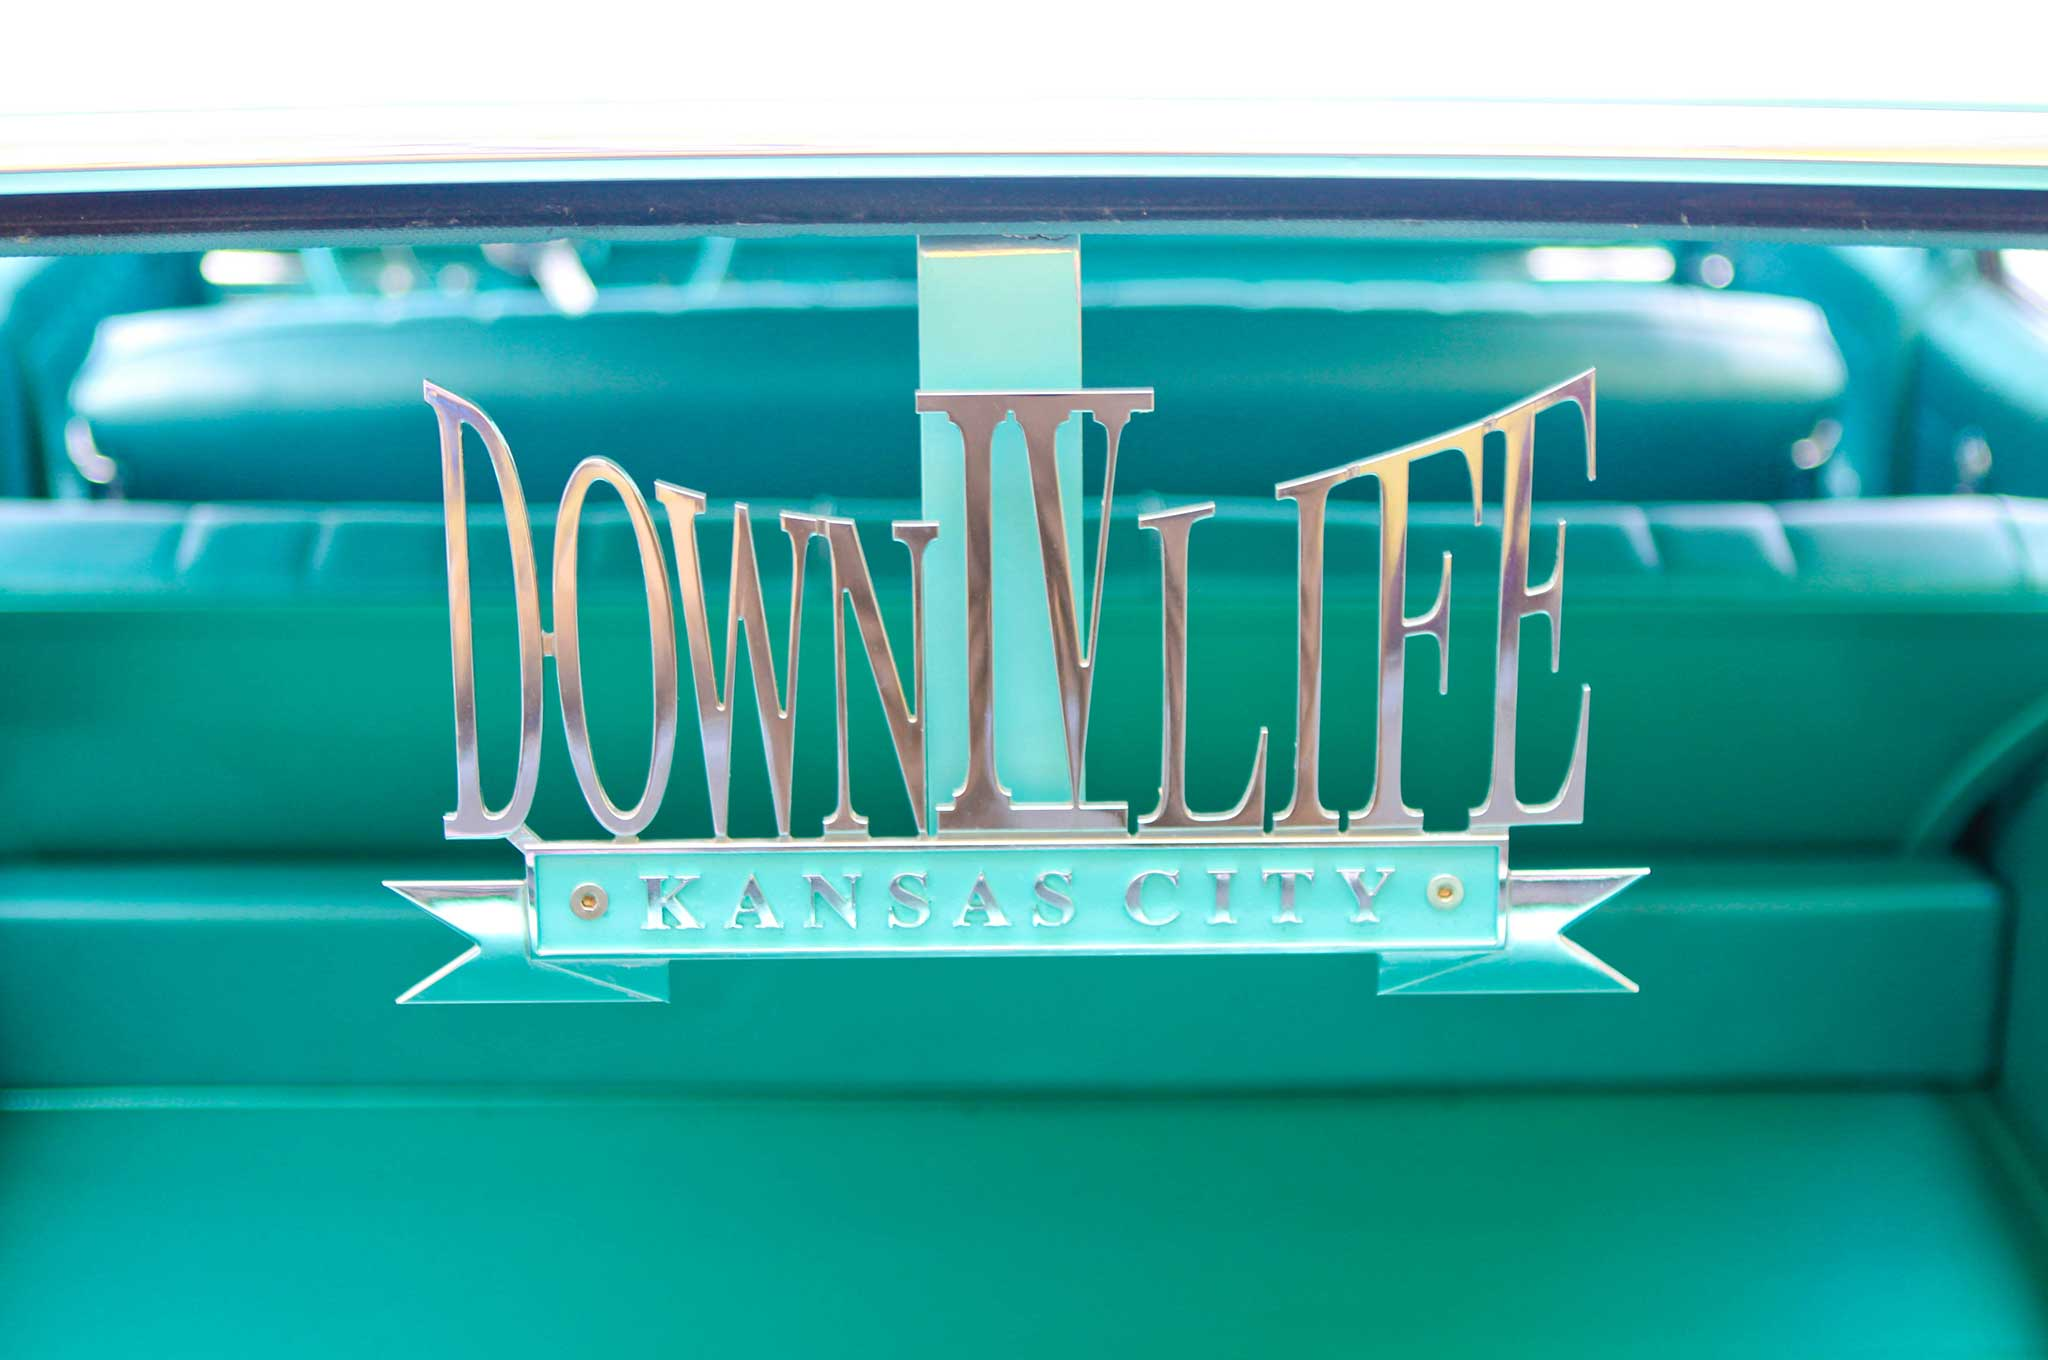 1965 chevrolet impala wagon down iv life club plaque 023